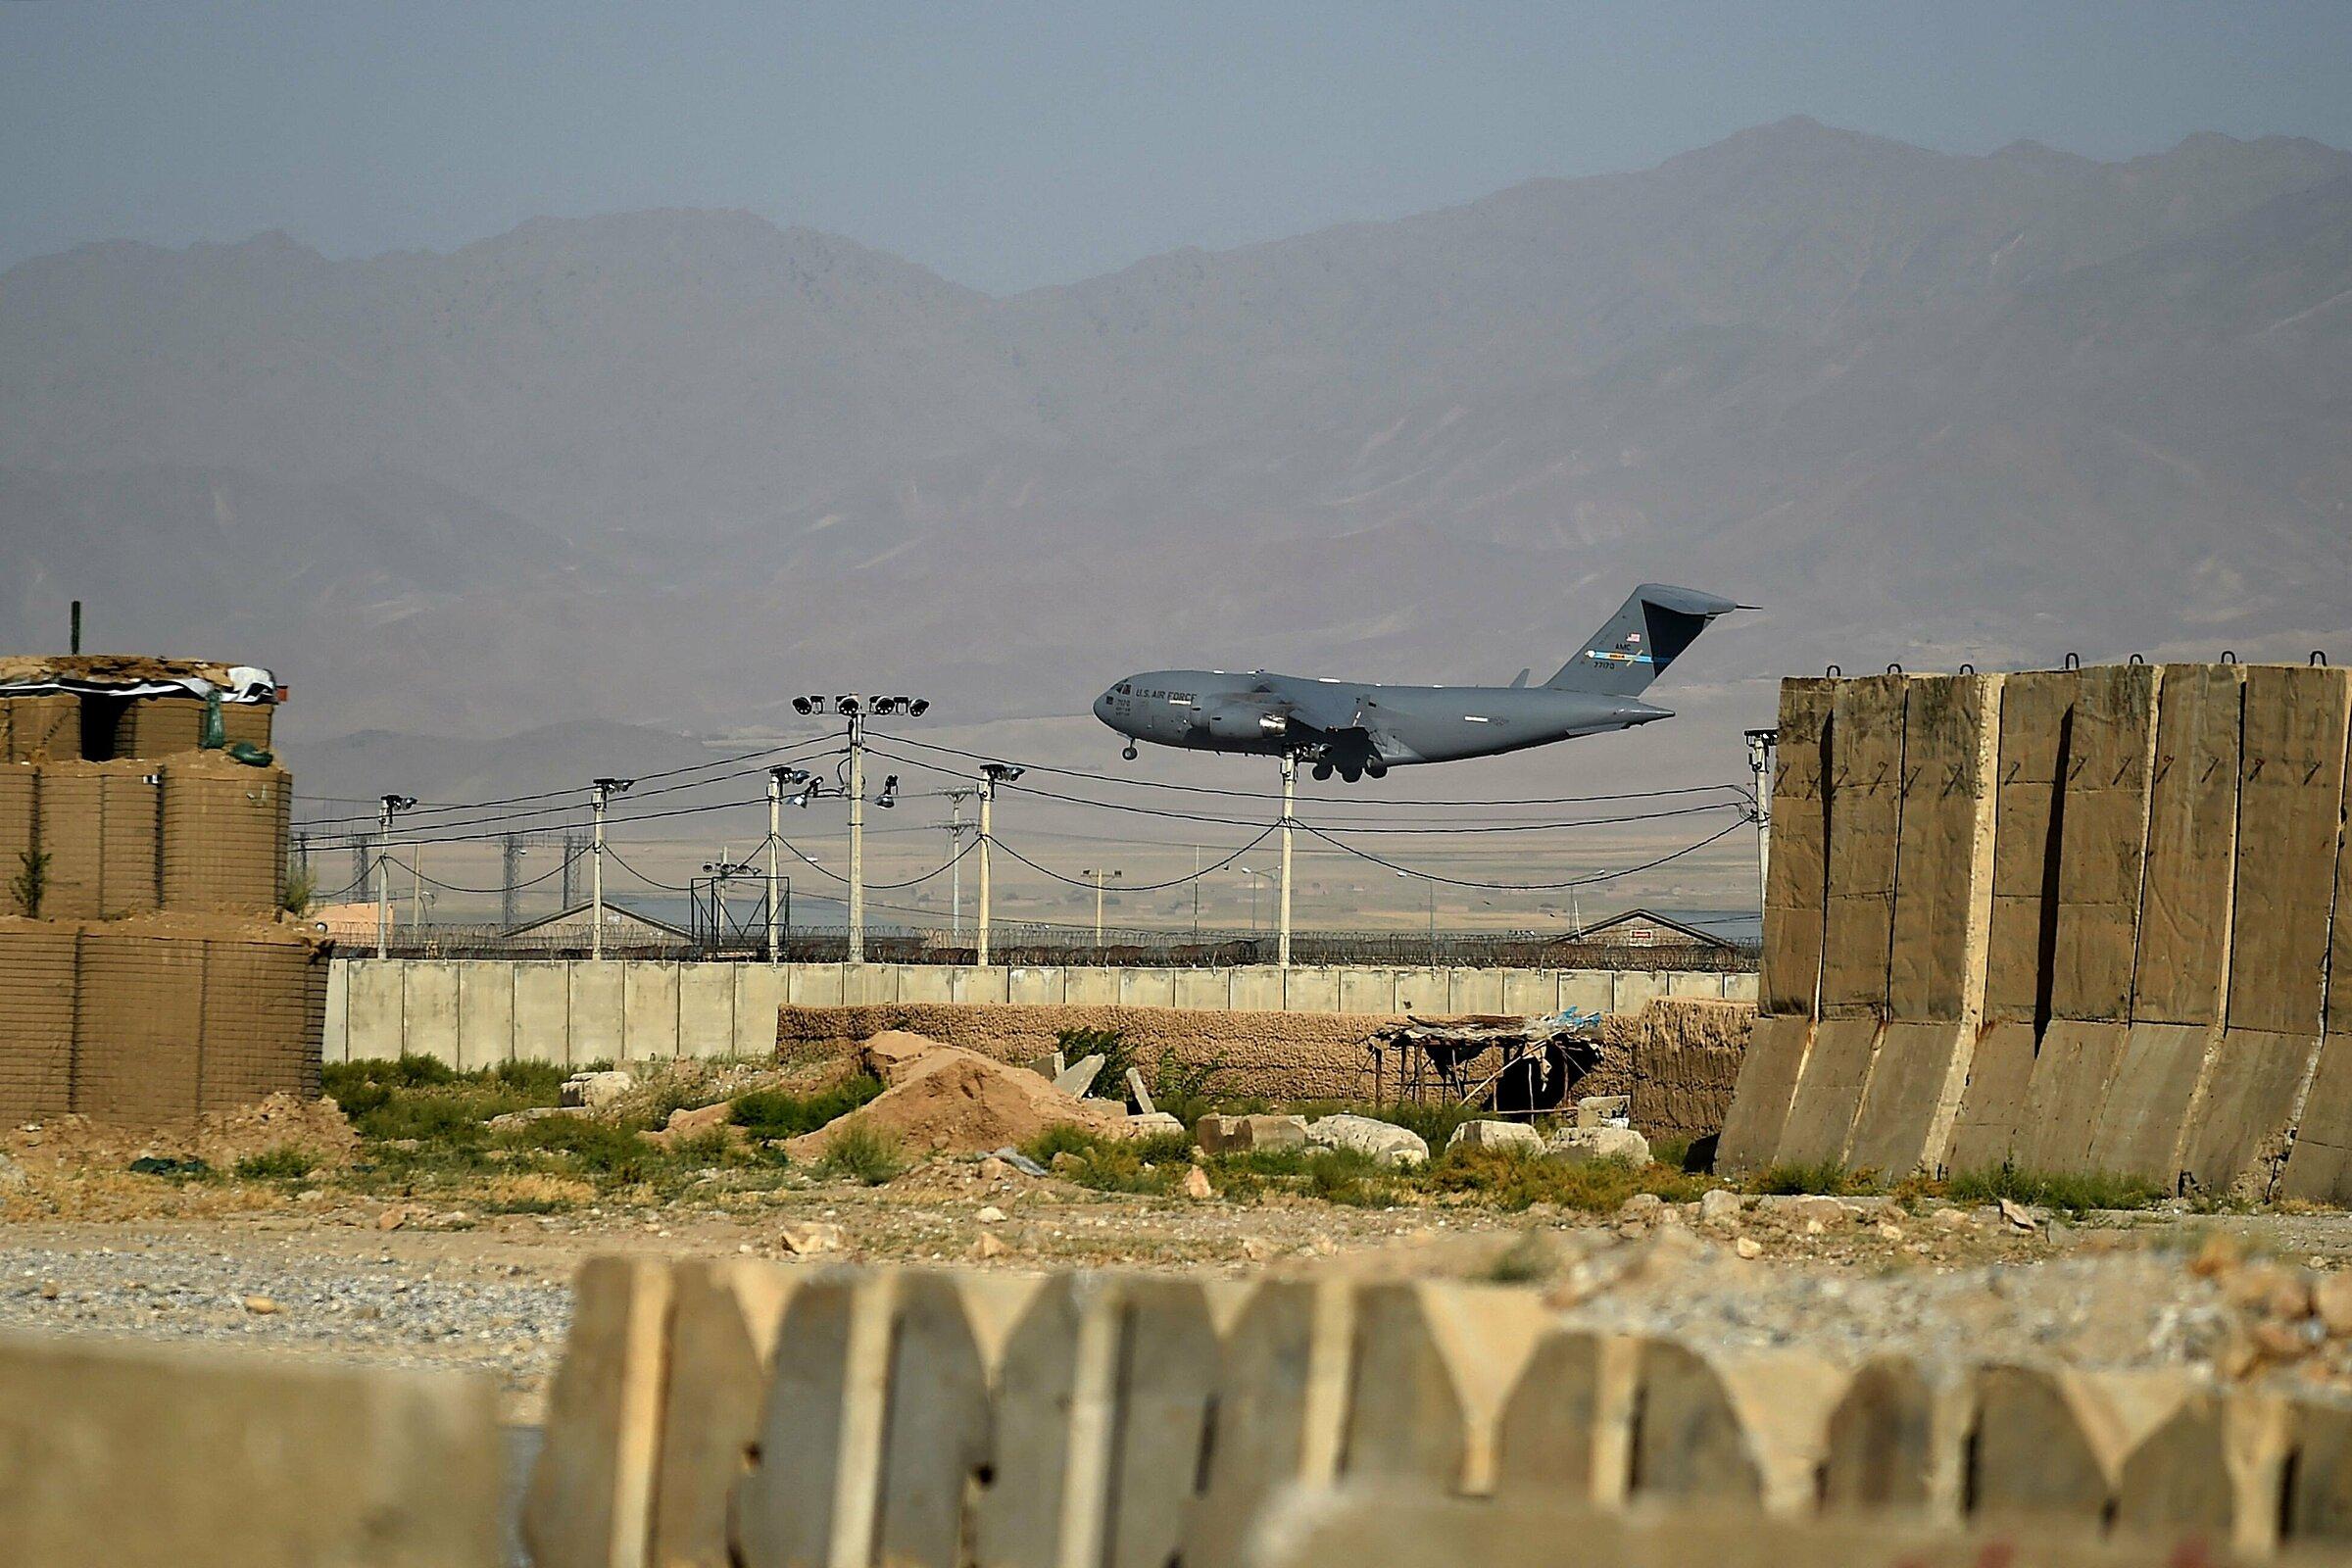 Máy bay vận tải quân sự Mỹ hạ cánh tại sân bay Bagram, Afghanistan vào ngày 1/7 trước khi hoàn tất bàn giao. Ảnh: AFP.